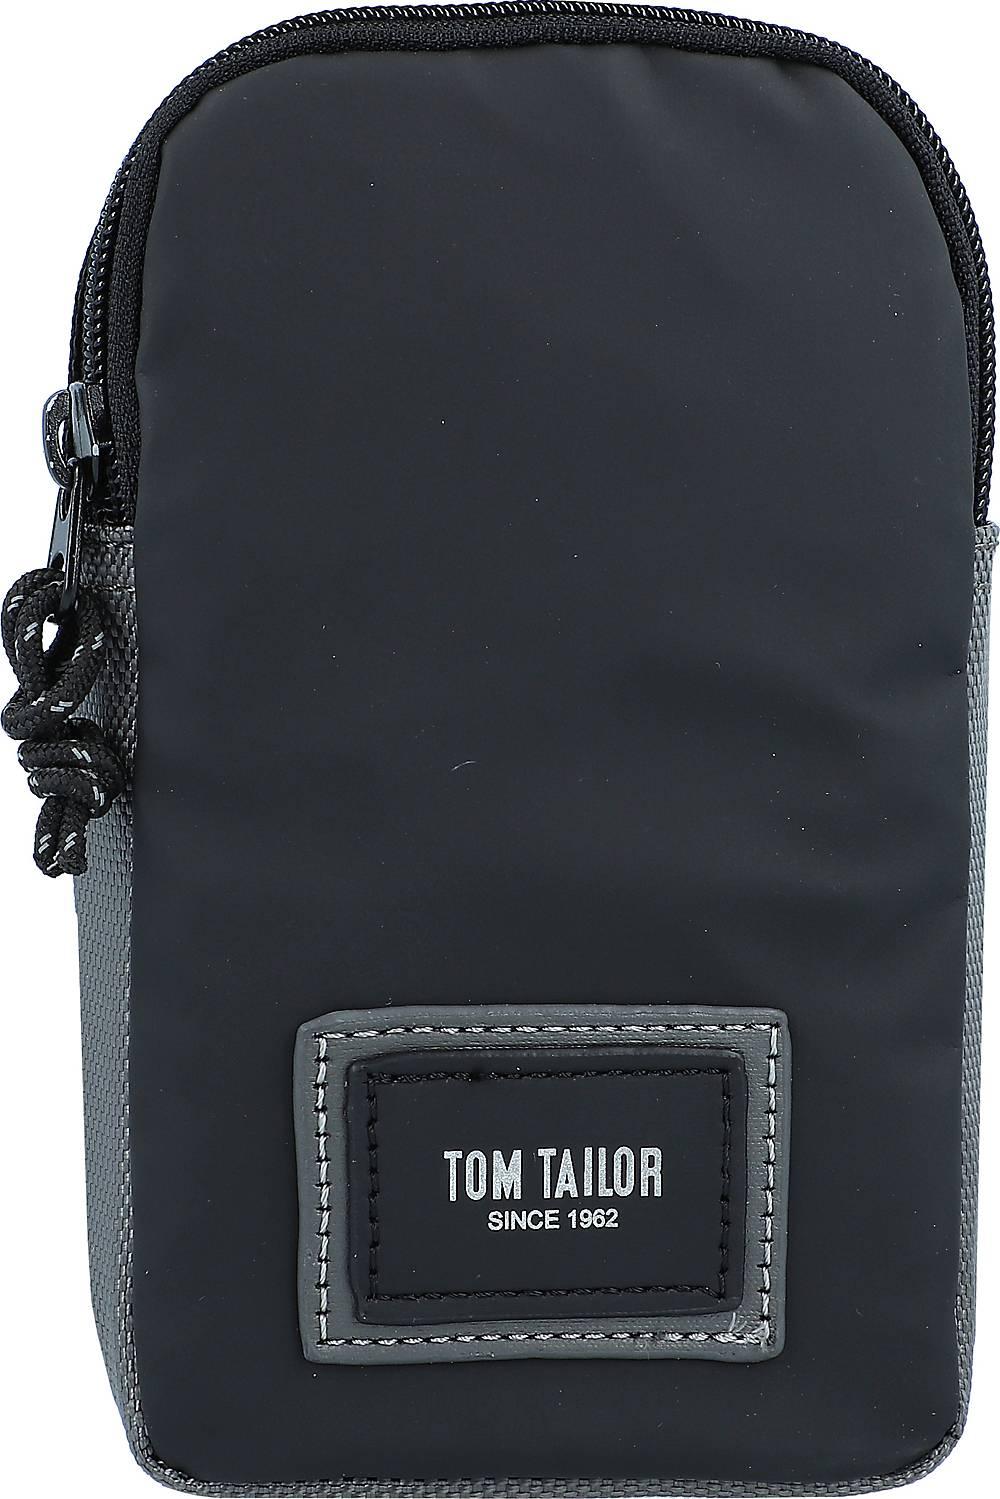 TOM TAILOR, Trenton Pouch Handytasche 9 Cm in blau, Handyhüllen & Zubehör für Damen